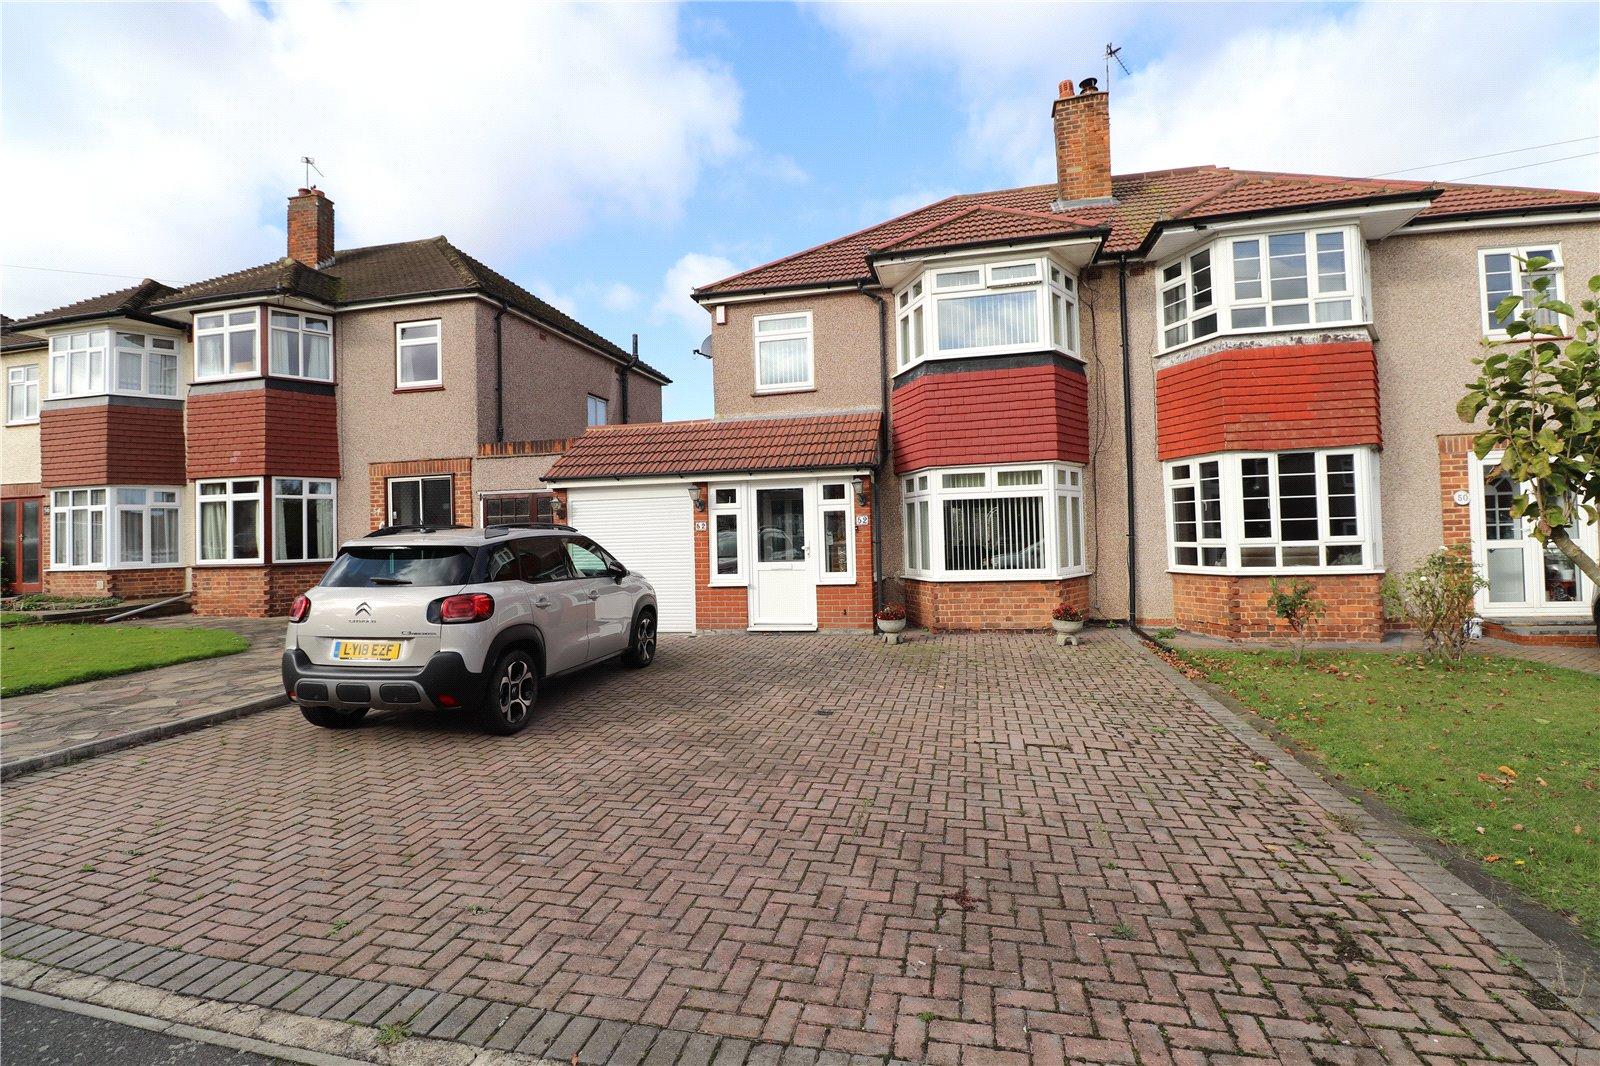 Plaxtol Road, Erith, Kent, DA8